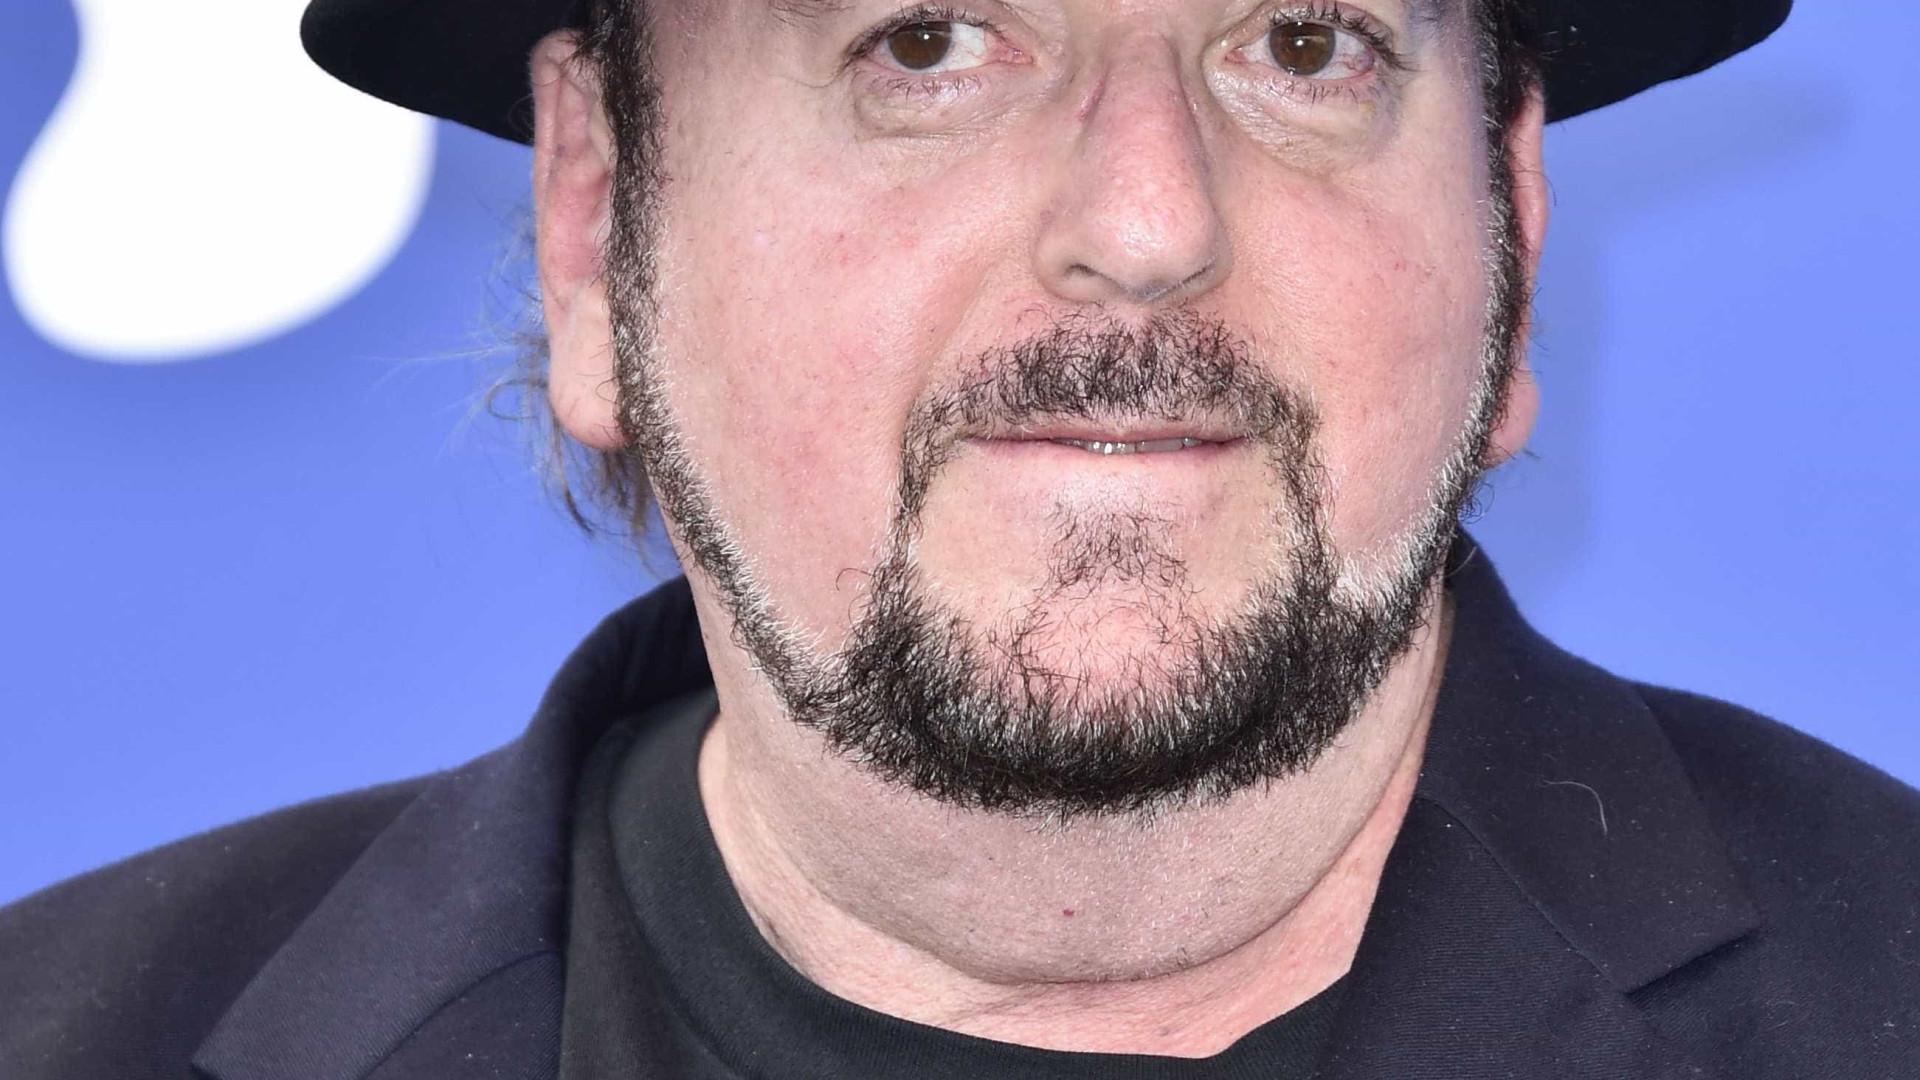 Realizador James Toback acusado de assédio sexual